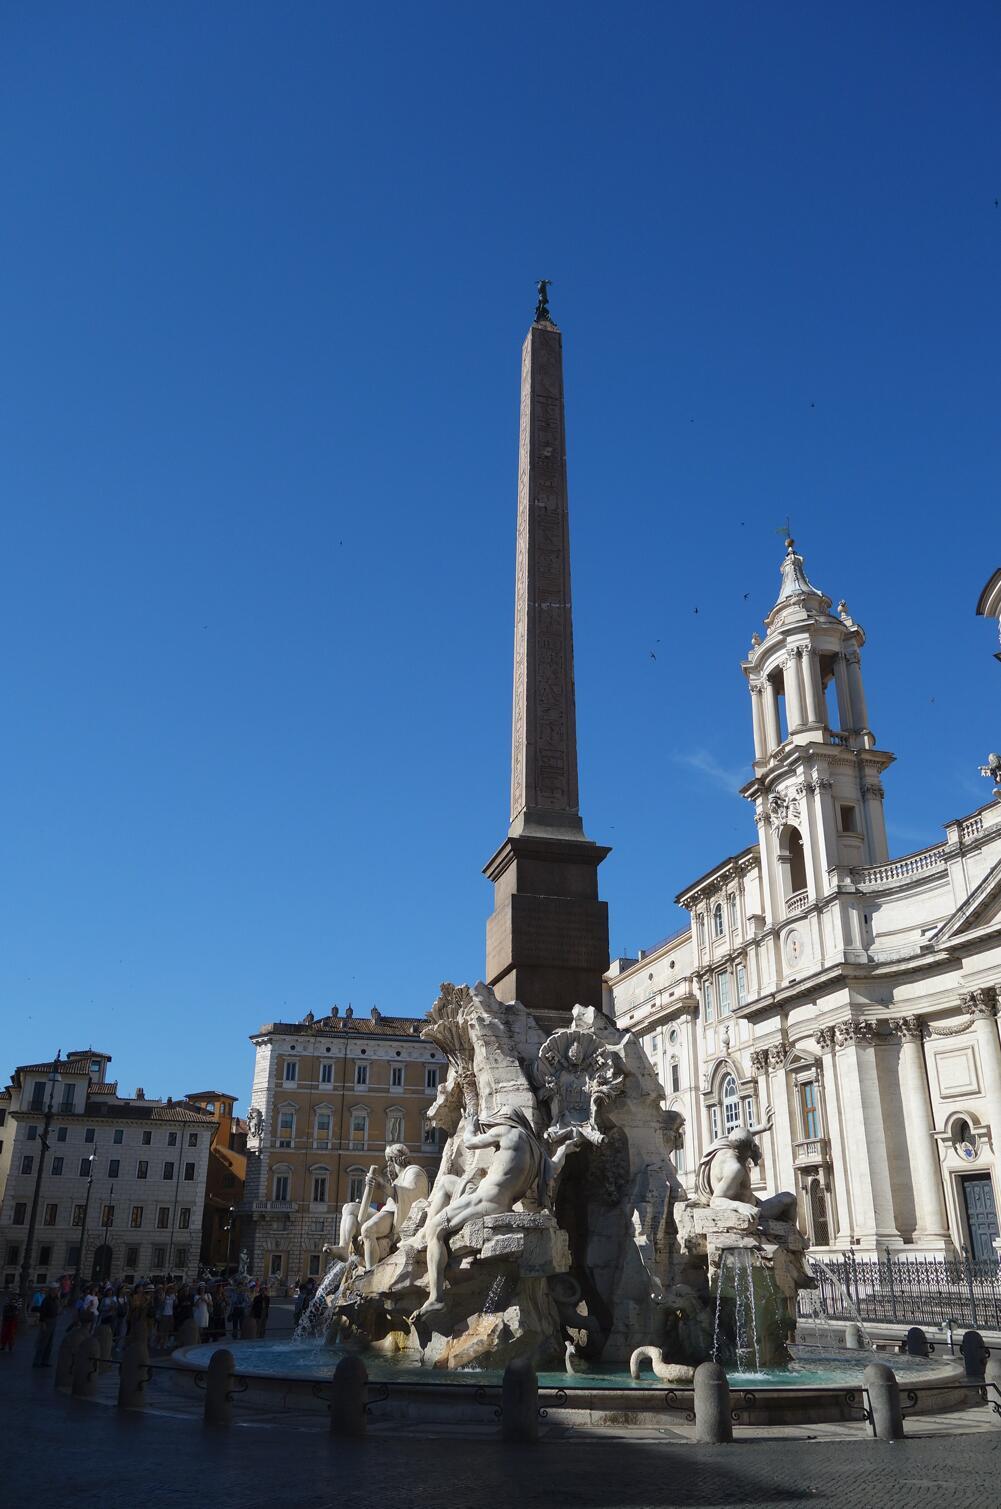 名作过眼:贝尔尼尼的喷泉雕塑00.jpg